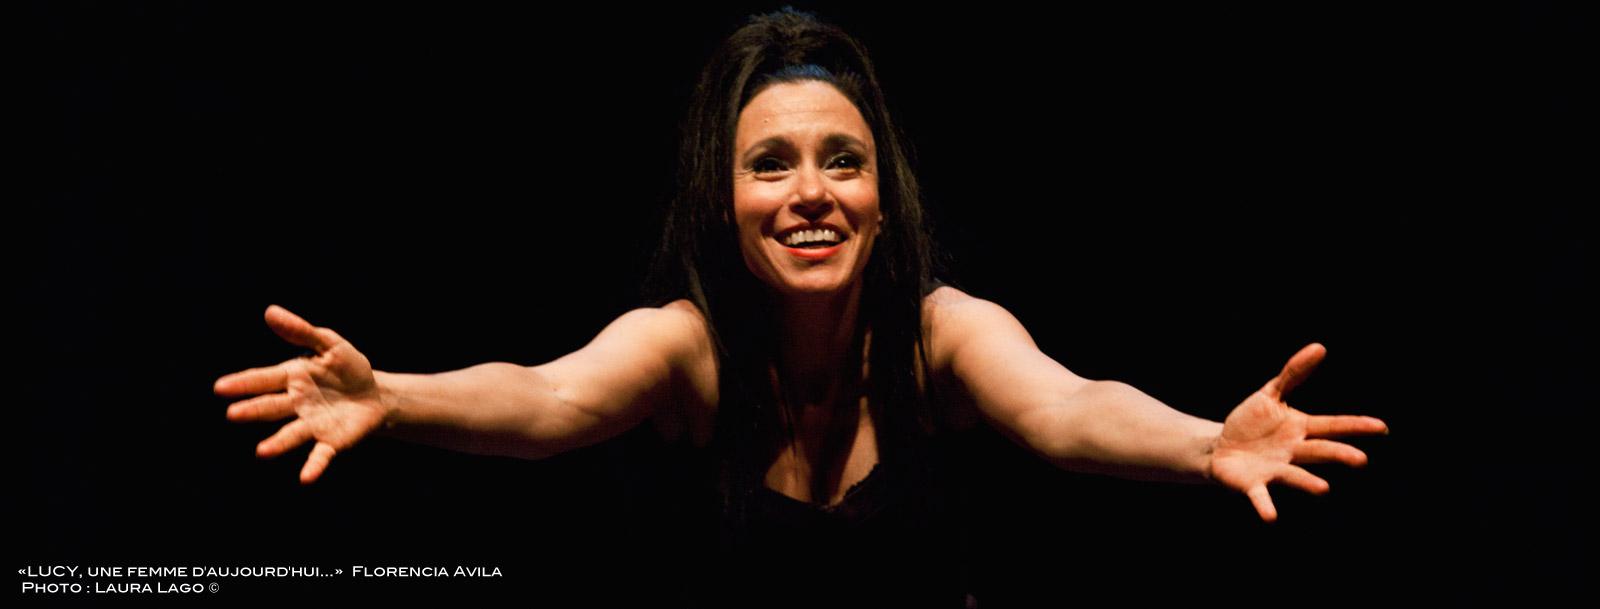 Florencia Avila exprimant la joie pendant son spectacle LUCY, une femme d'aujourd'hui